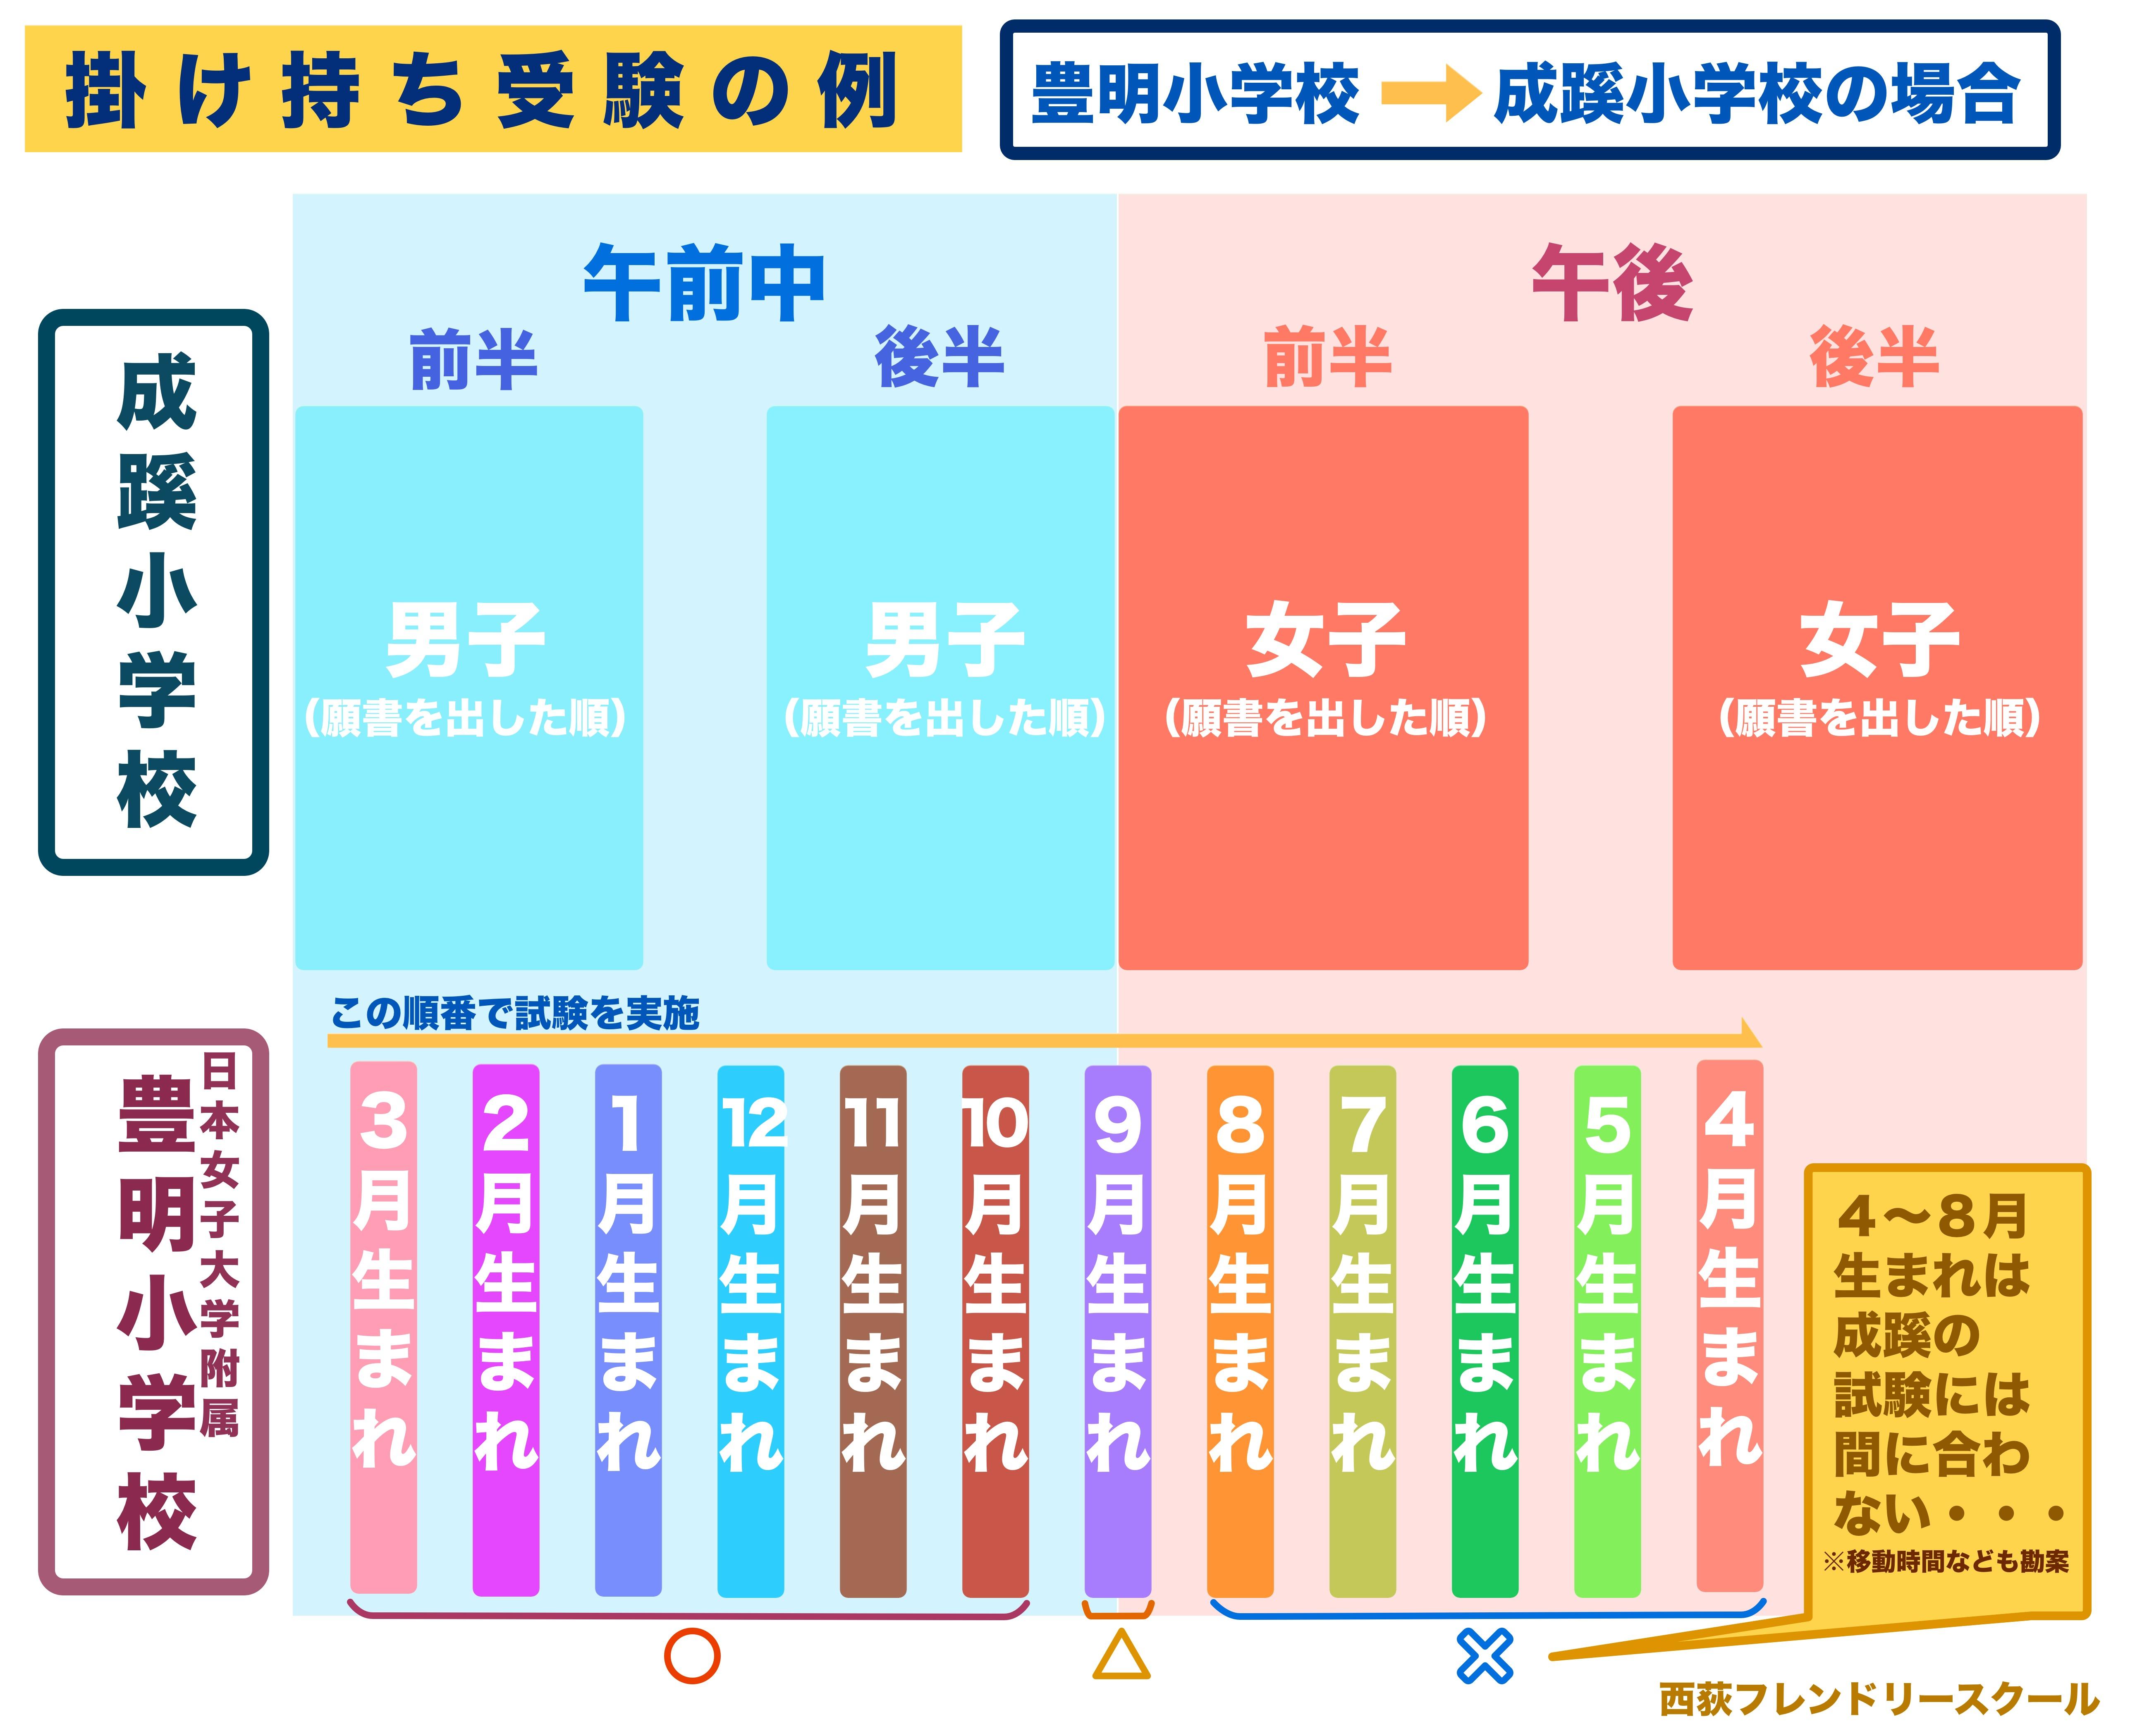 掛け持ち受験説明図(成蹊・豊明)